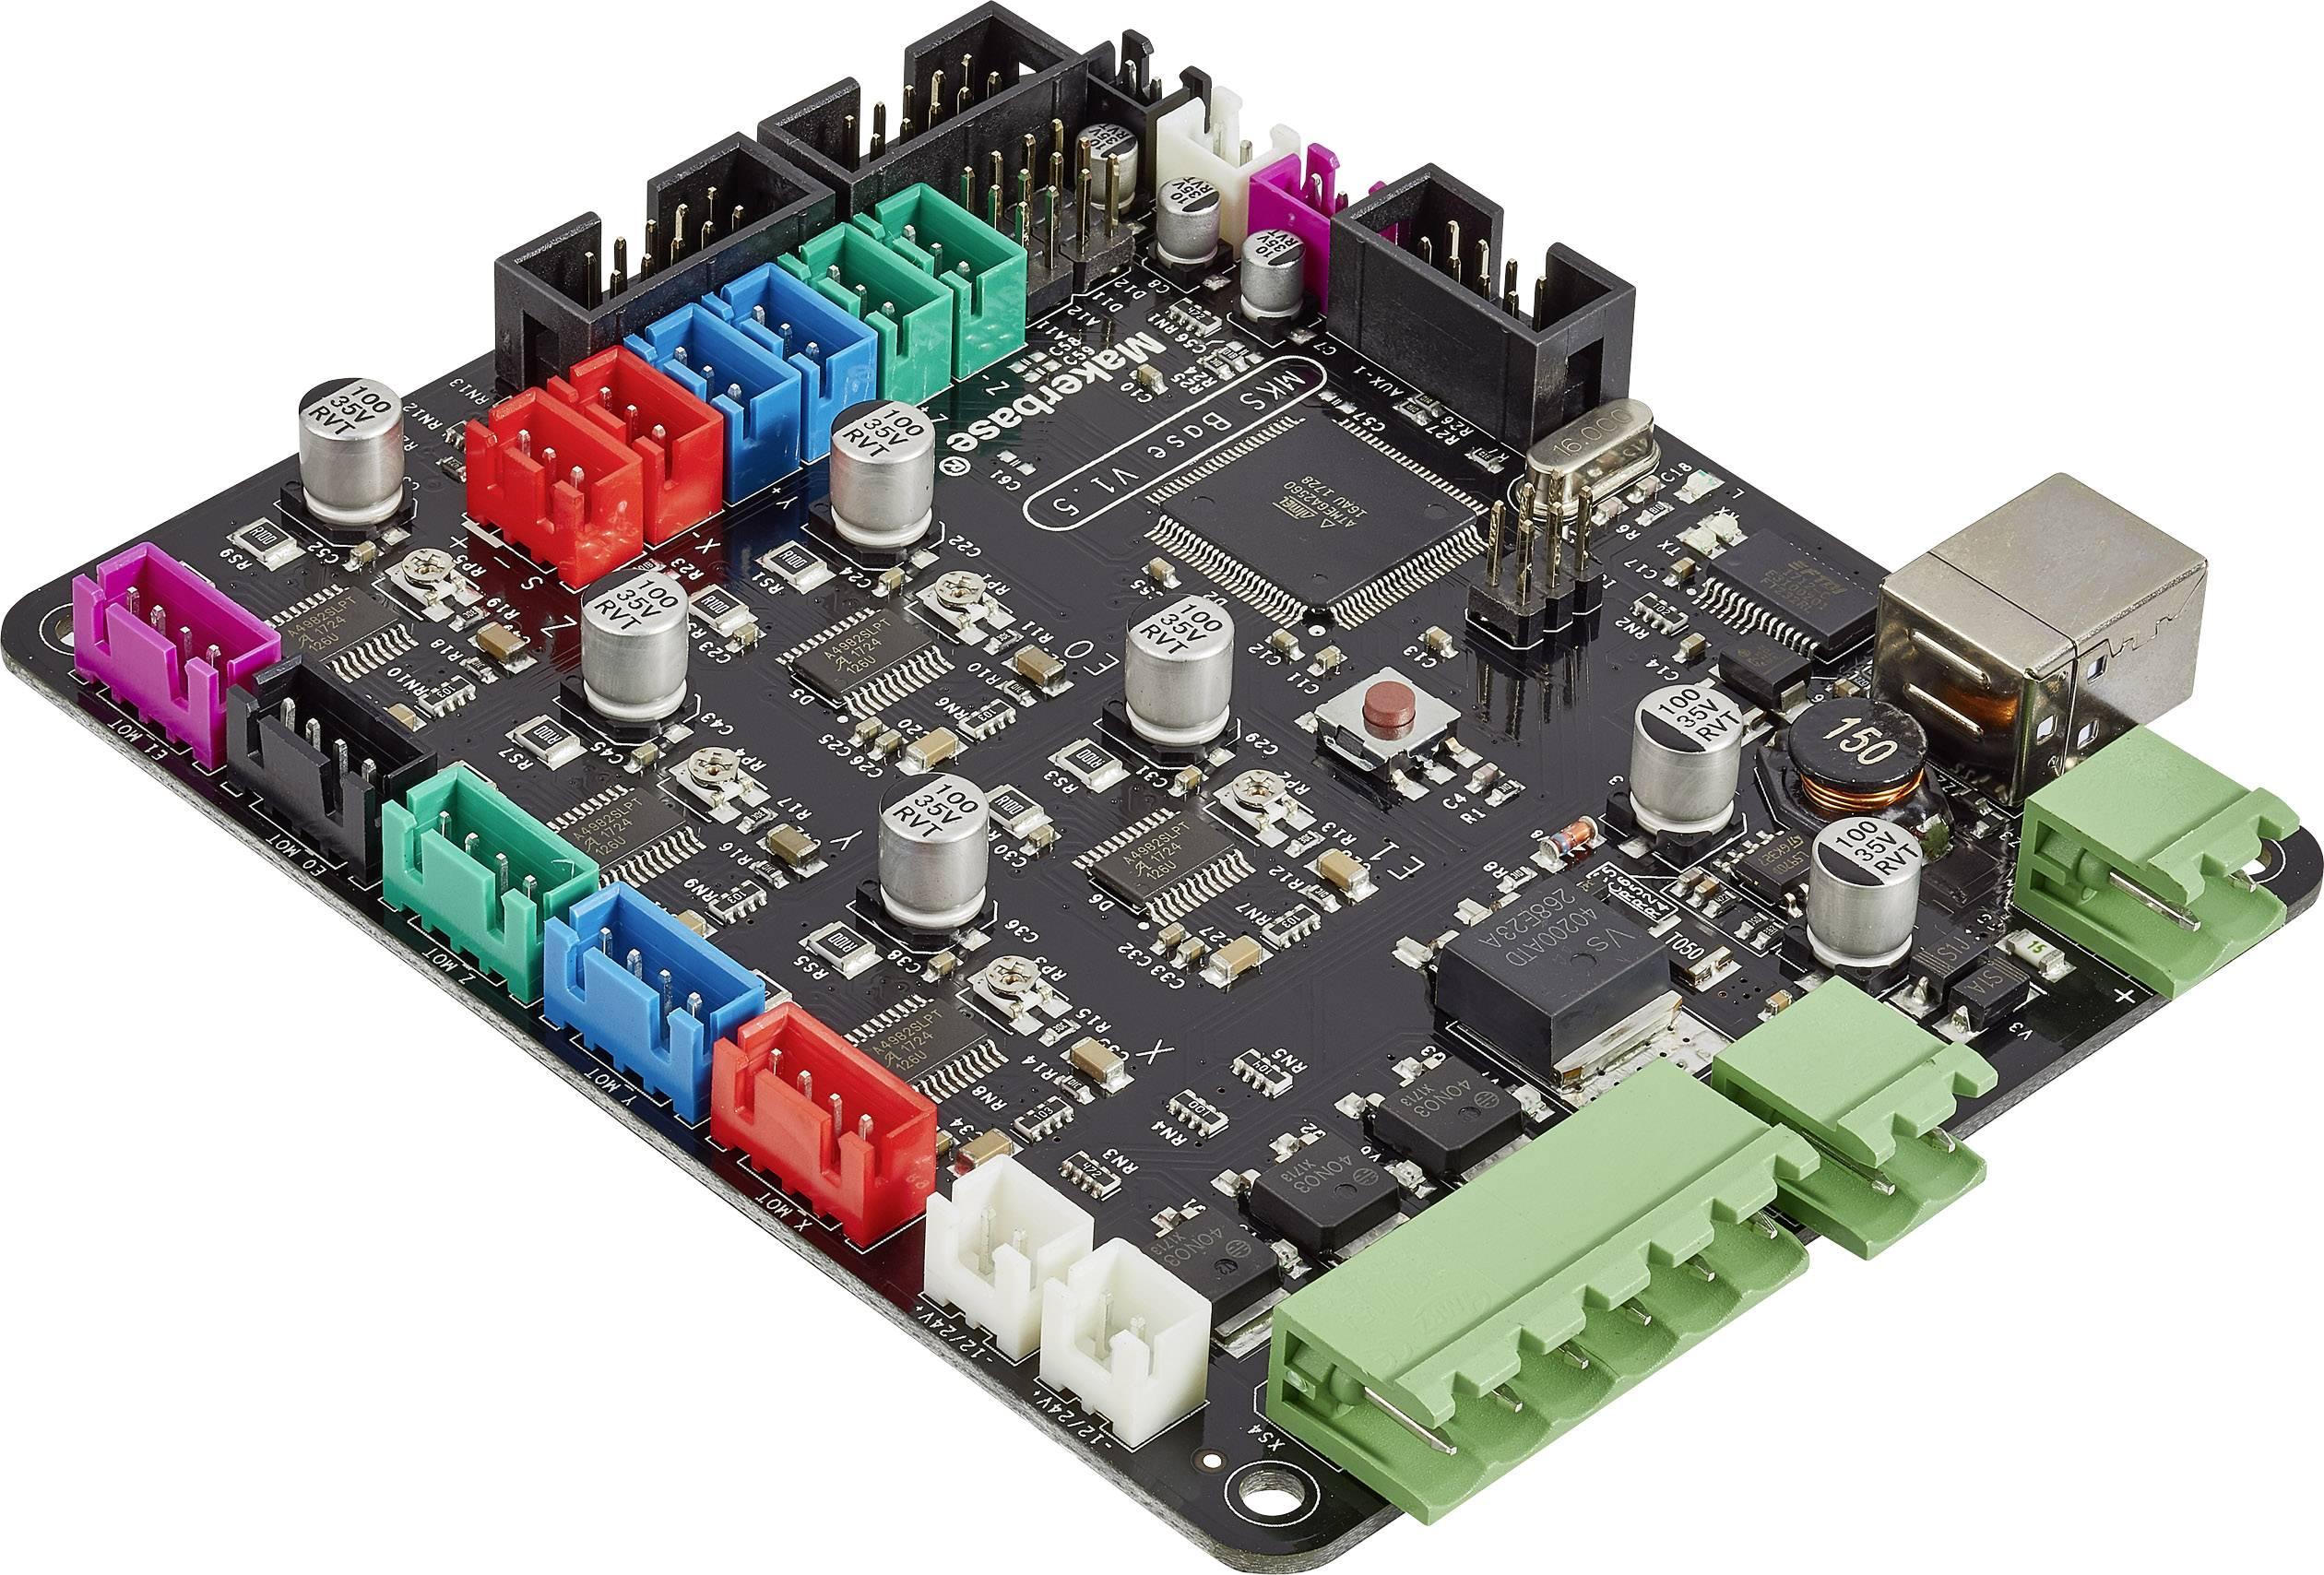 Pezzo di ricambio scheda madre Adatto per: renkforce RF100 XL, renkforce RF100 XL Plus, renkforce RF100 XL R2